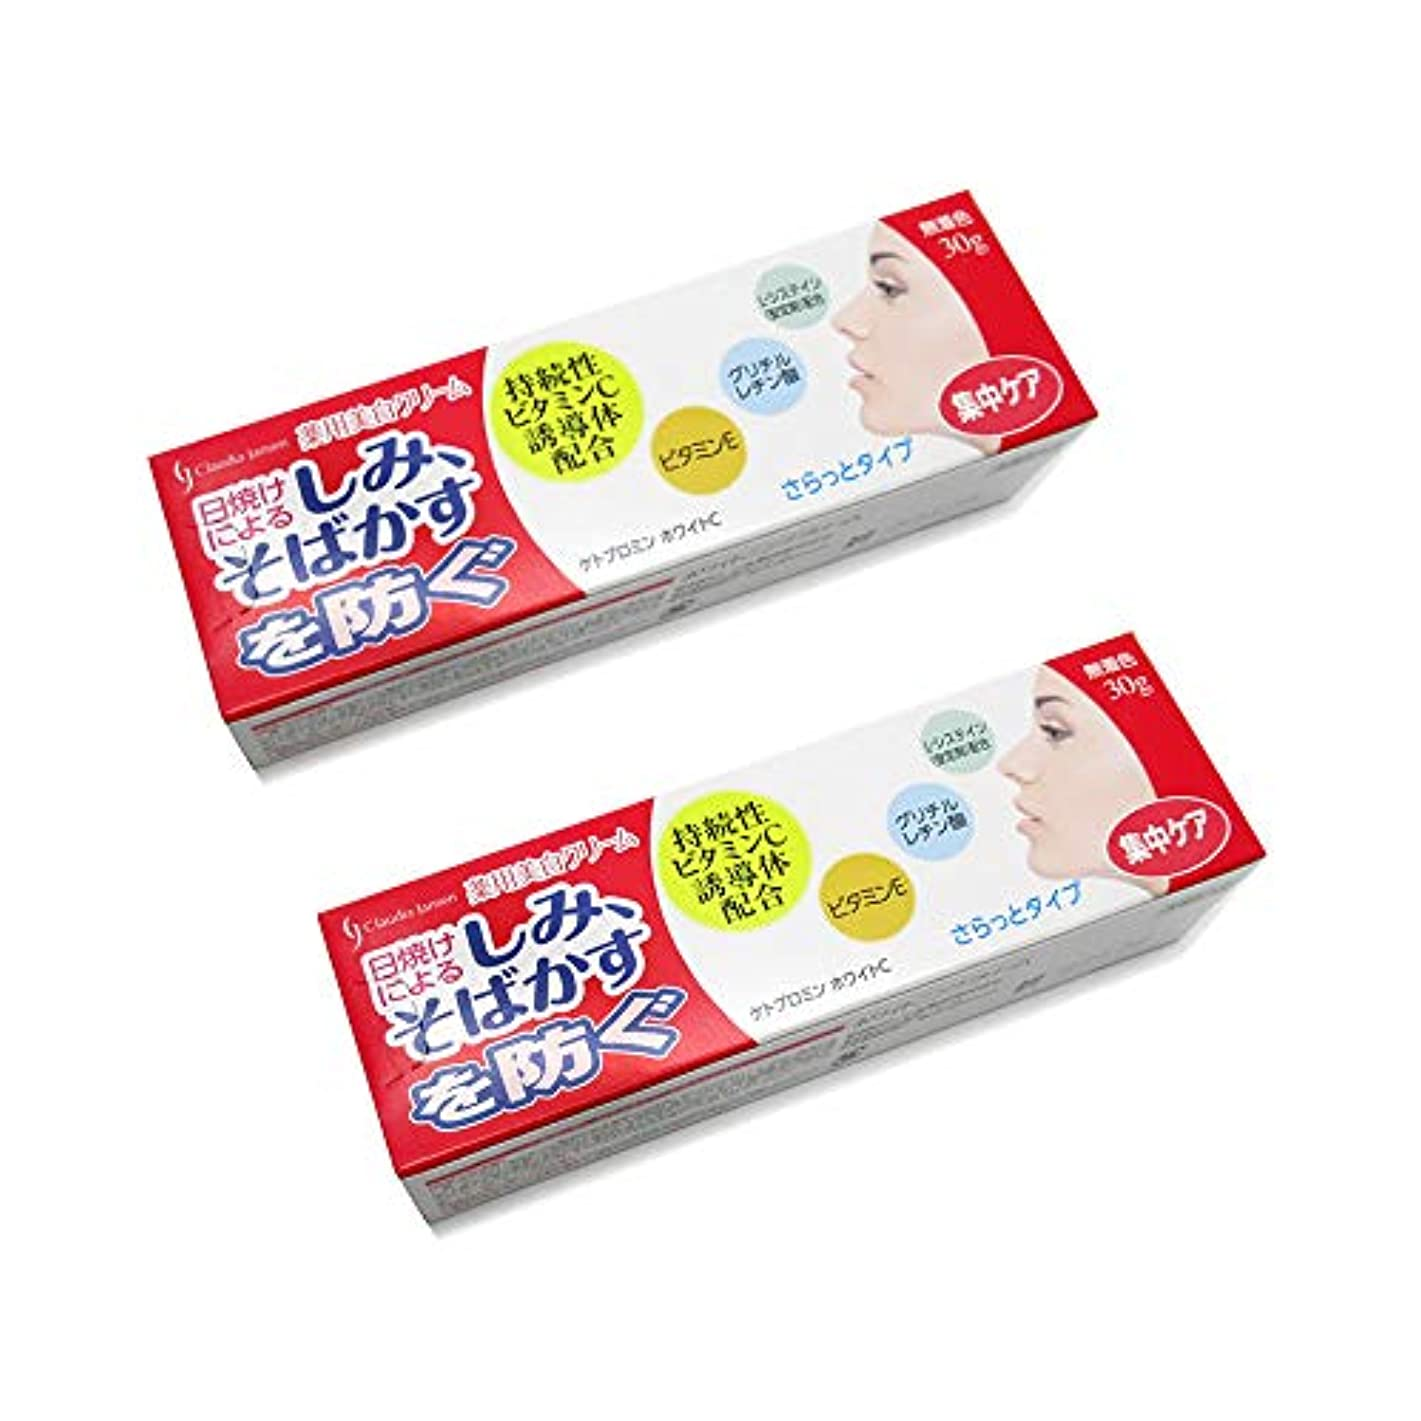 消費する契約する資格情報薬用ホワイトニングクリームC 30g 2個セット 美白クリーム 薬用 美白クリーム 美白ケア 医薬部外品